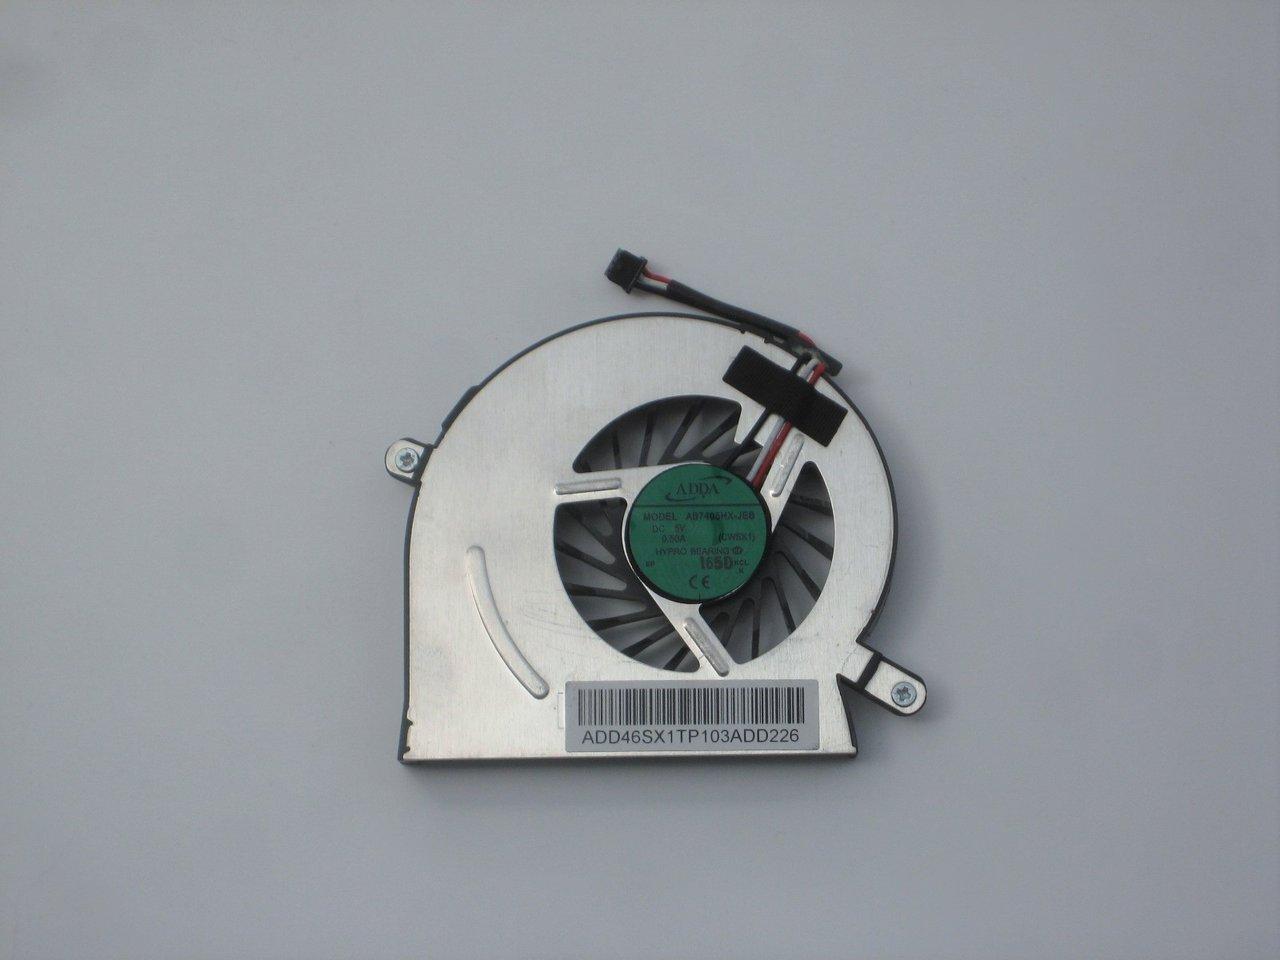 ADDA AB7405HX-JEB Kühler Lüfter für HP Probook 5220m Notebook